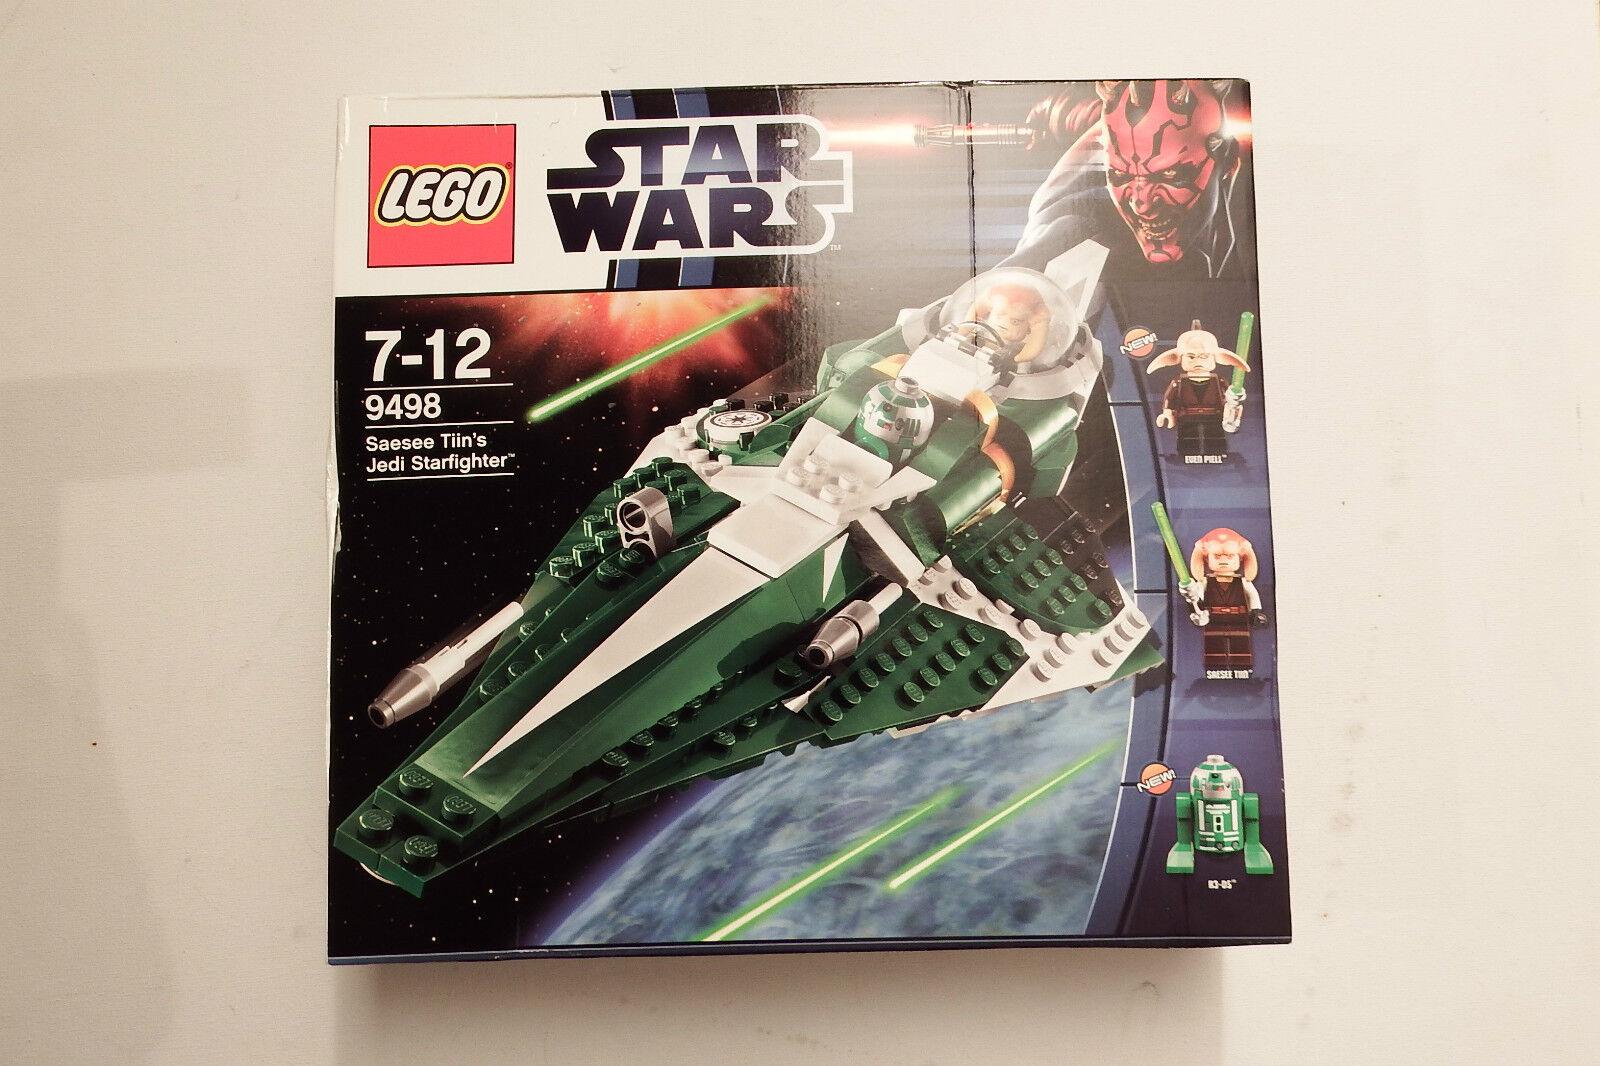 LEGO estrella guerras 9498  Jedi estrellacombatiente TIIN'S JEDI  estrellaFIGHTER Jedi estrellacombatiente Saesee, R3-D5 SIGILLATO  vendita online sconto prezzo basso